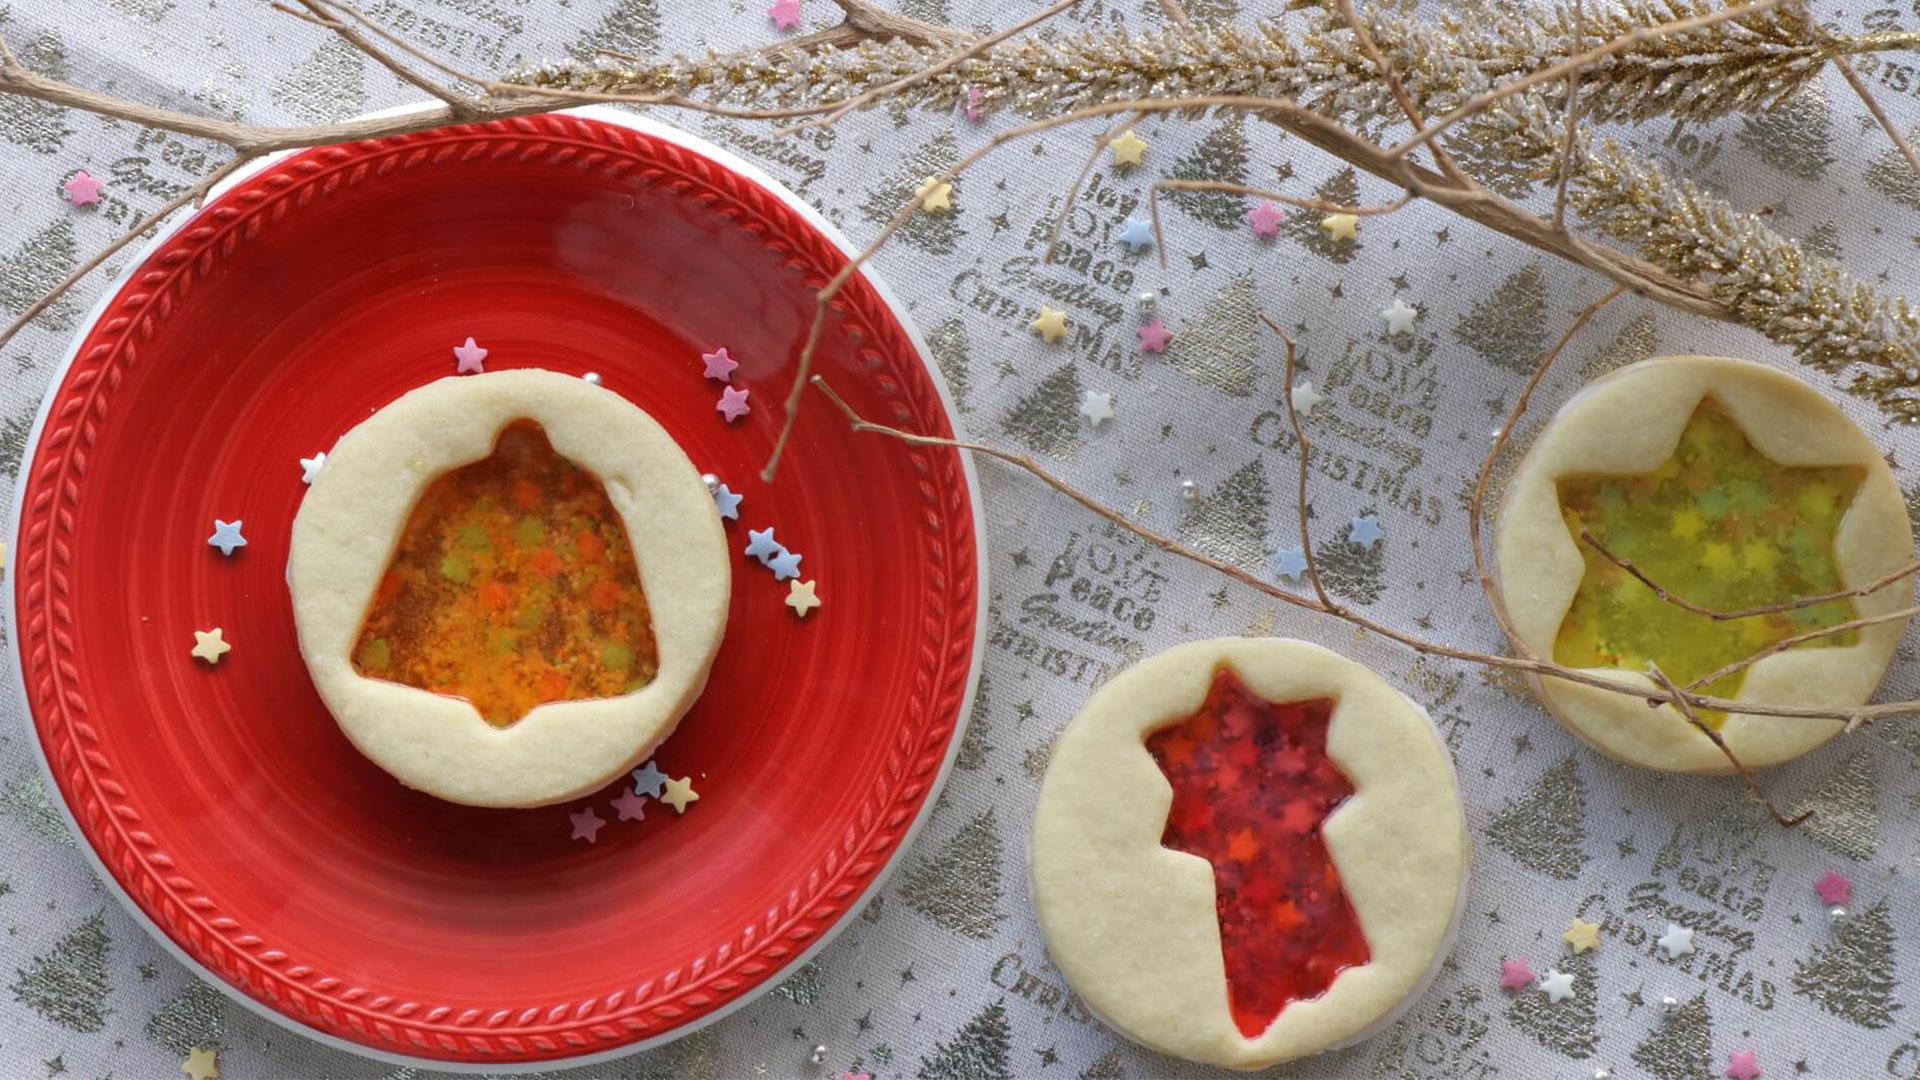 Μπισκότα με ζαχαρωτά και καραμέλες